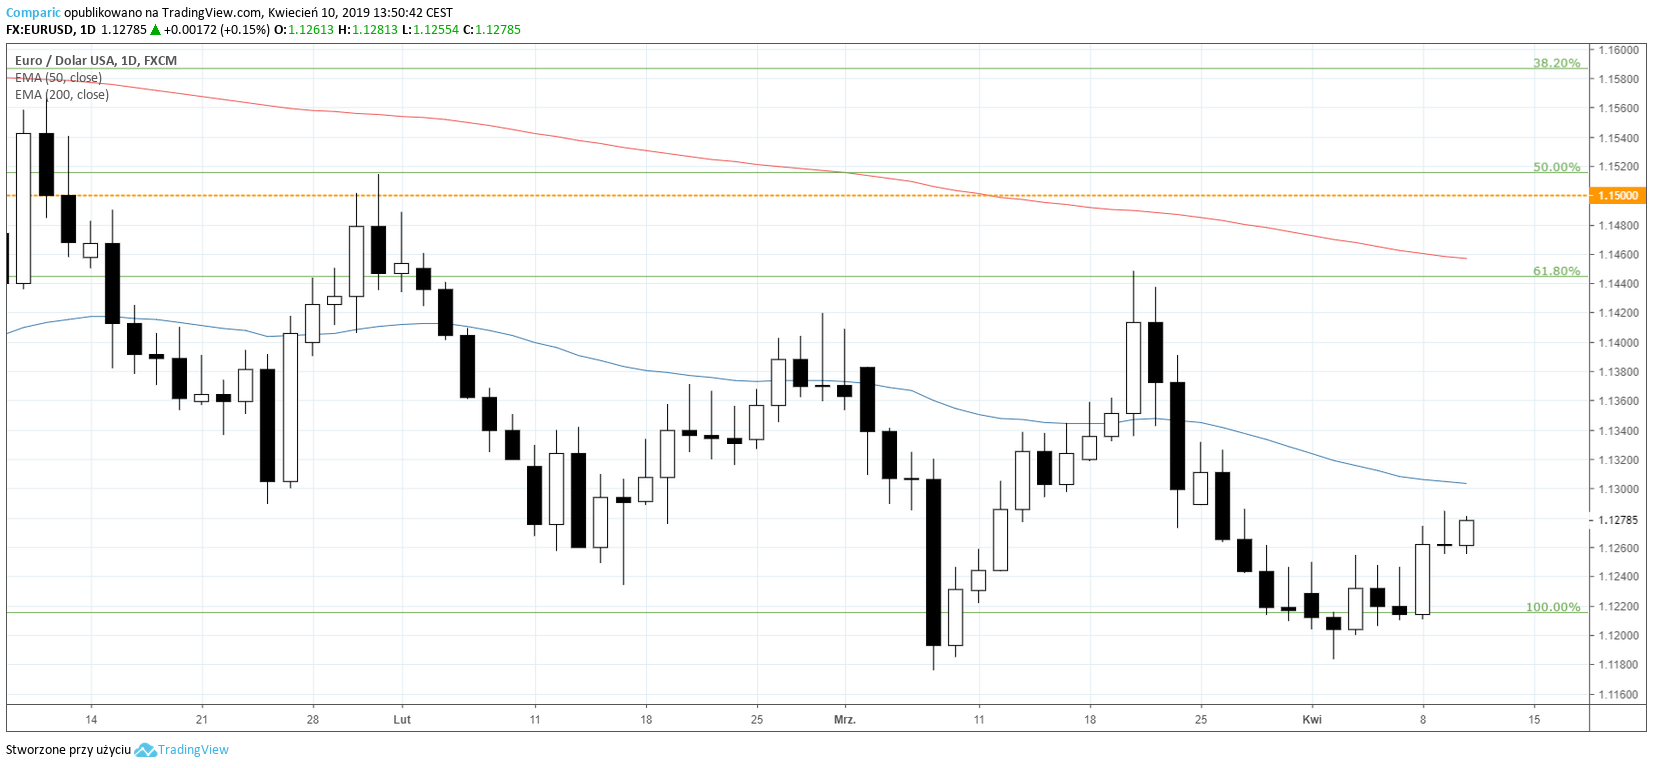 Kurs euro do dolara po decyzji EBC. EUR/USD D1, źródło: Tradingview.com